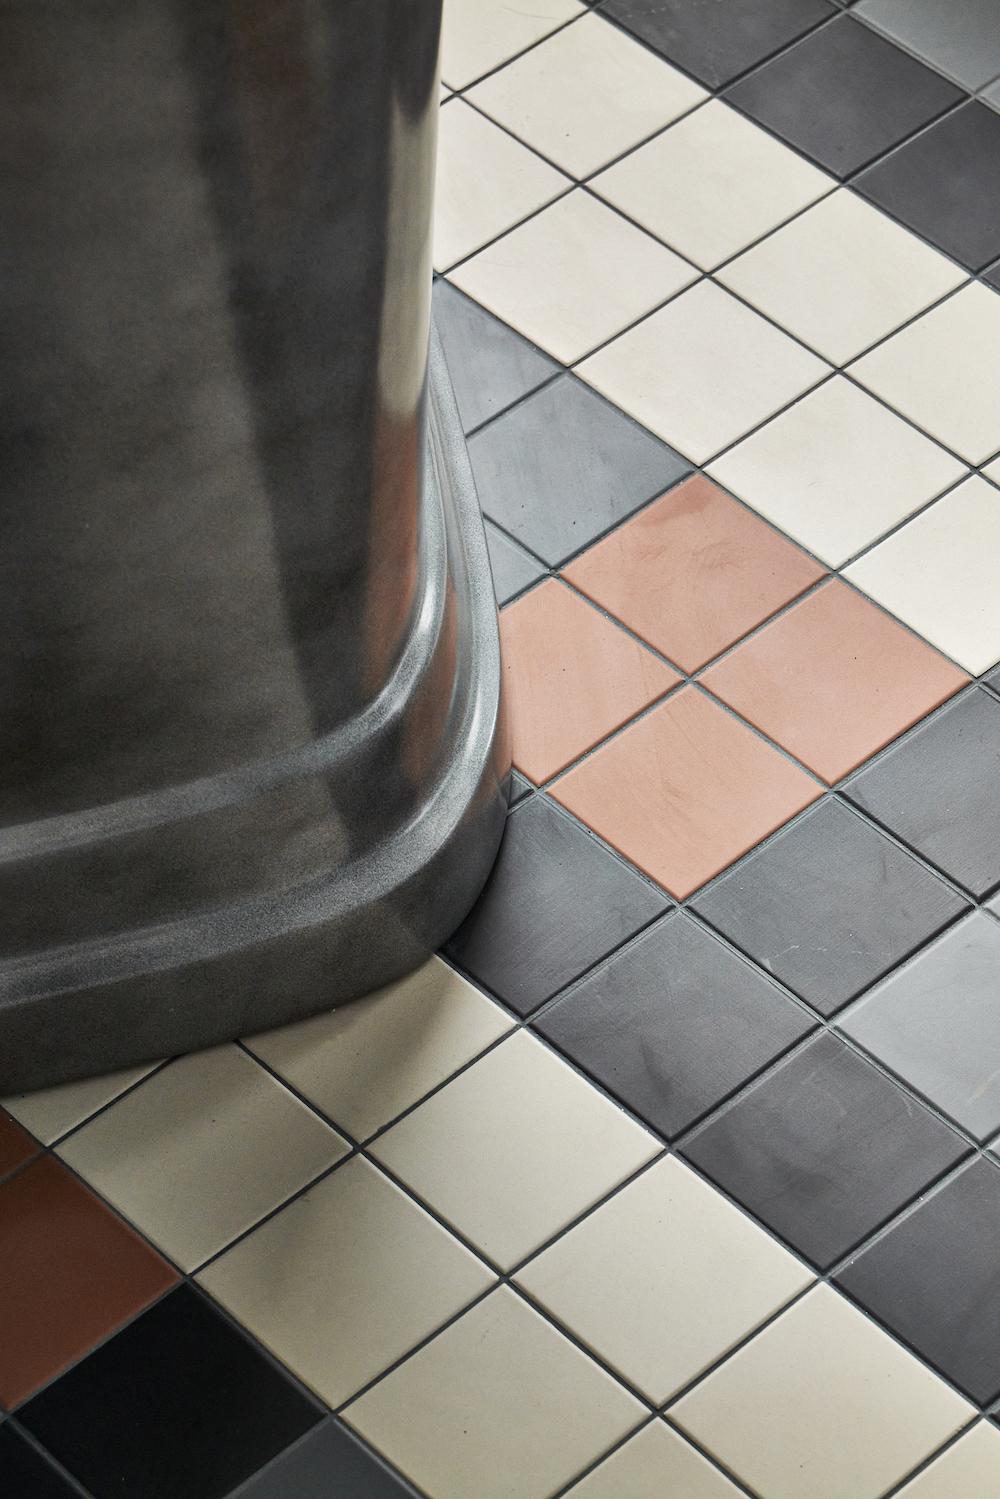 Bathroom floors - The Lost Poet